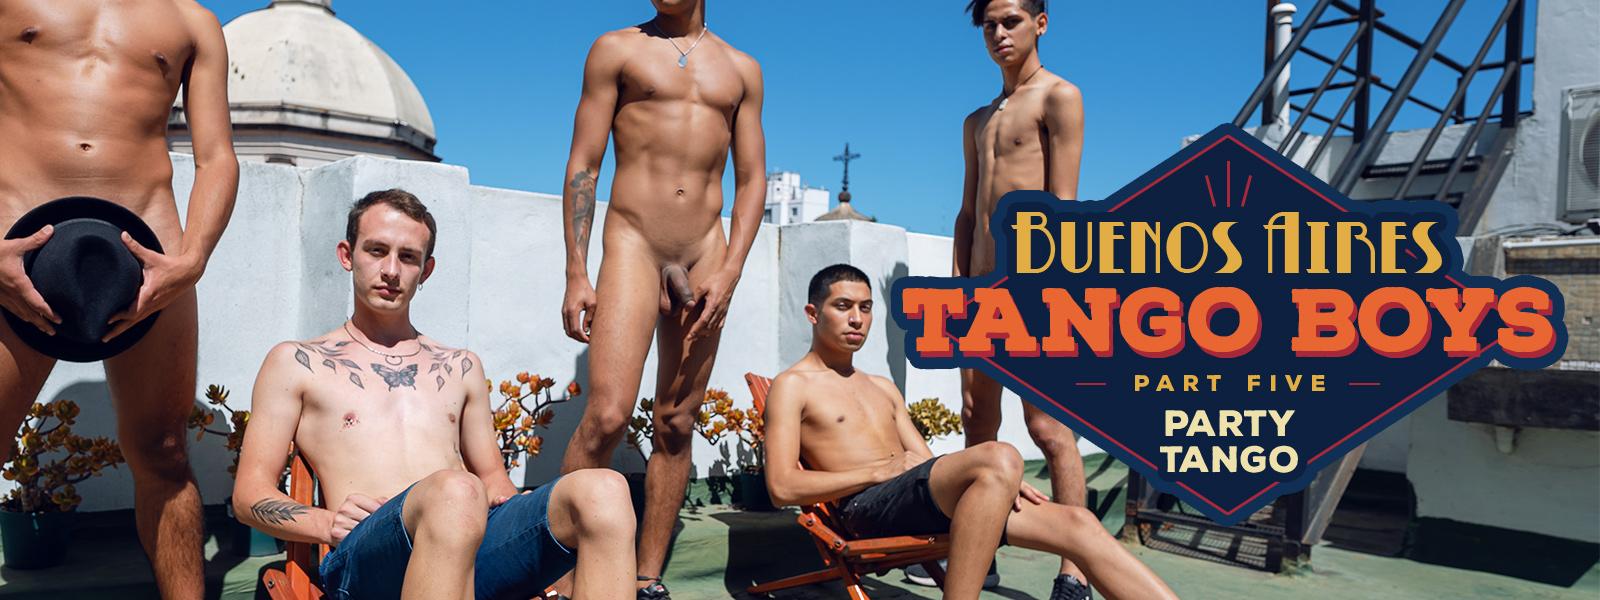 Buenos Aires Tango Boys | Part 5: Party Tango